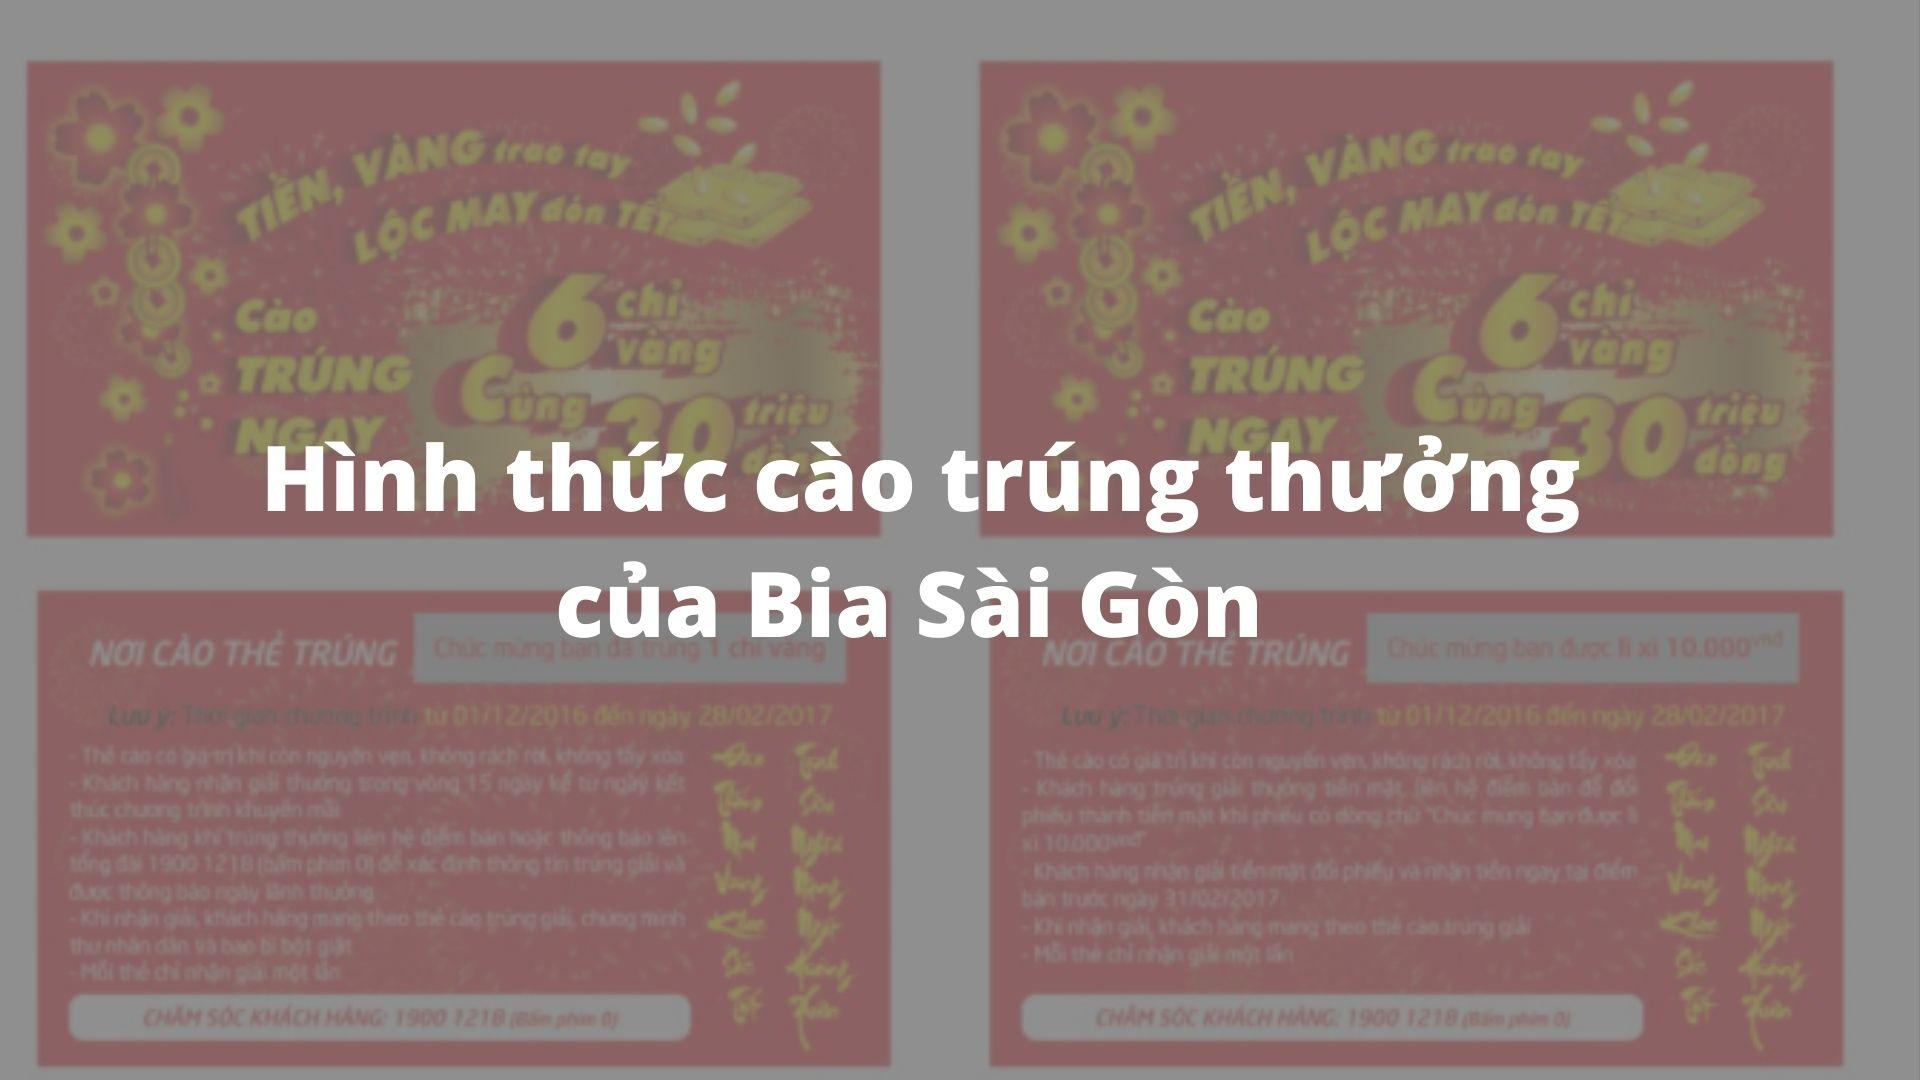 Hình thức cào trúng thưởng của Bia Sài Gòn